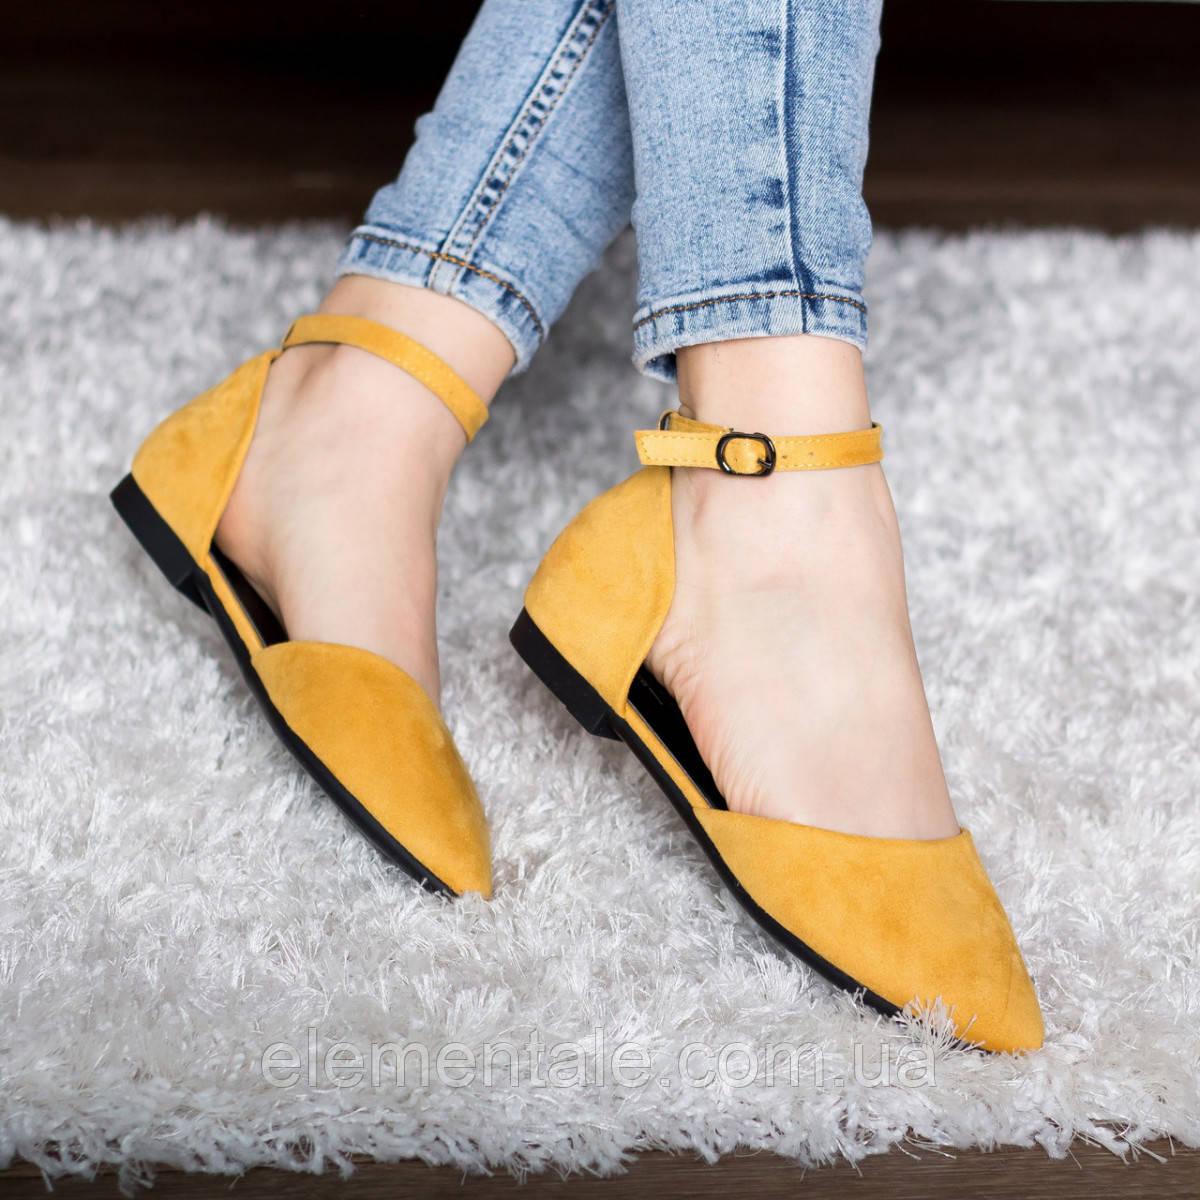 Туфлі жіночі 39 розмір 25 см Жовті